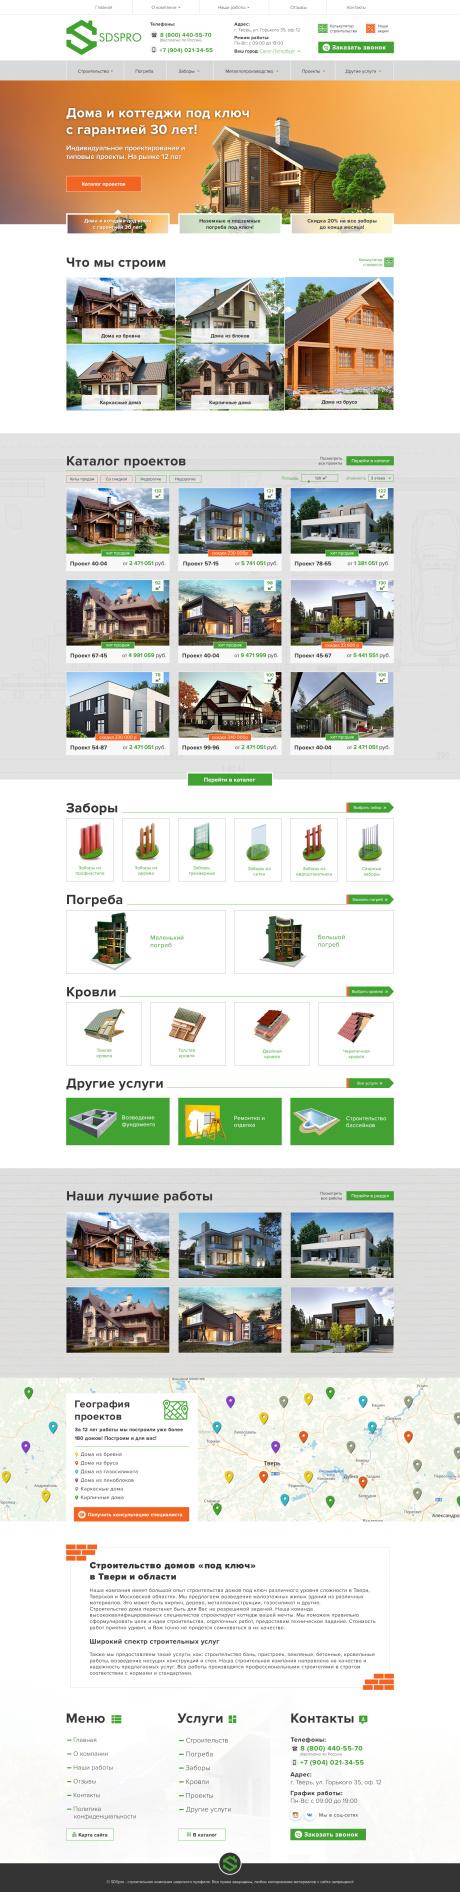 SDSpro - Официальный сайт строительной компании